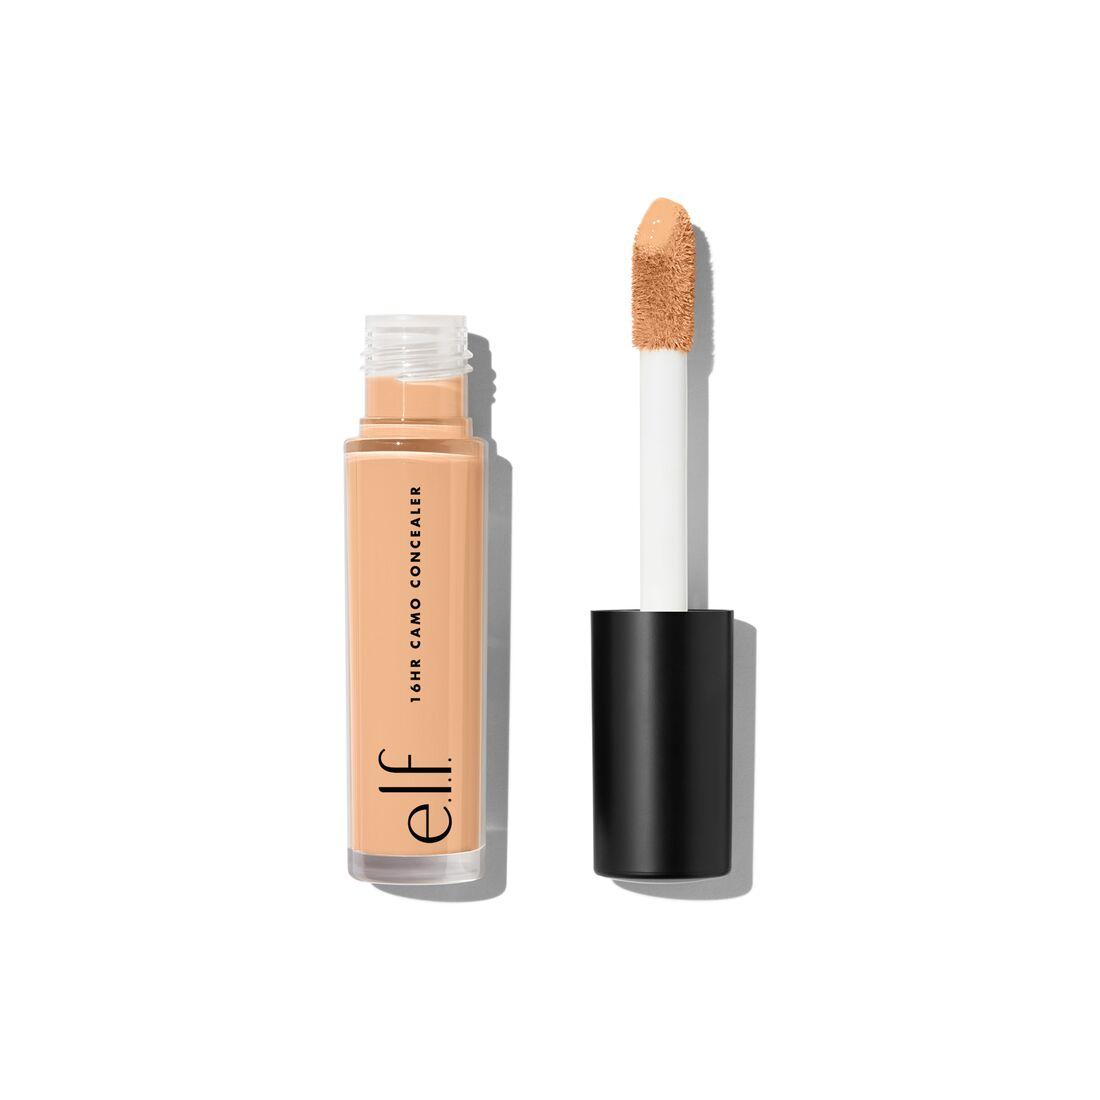 e.l.f. Cosmetics 16HR Camo Concealer Medium Beige 6ml